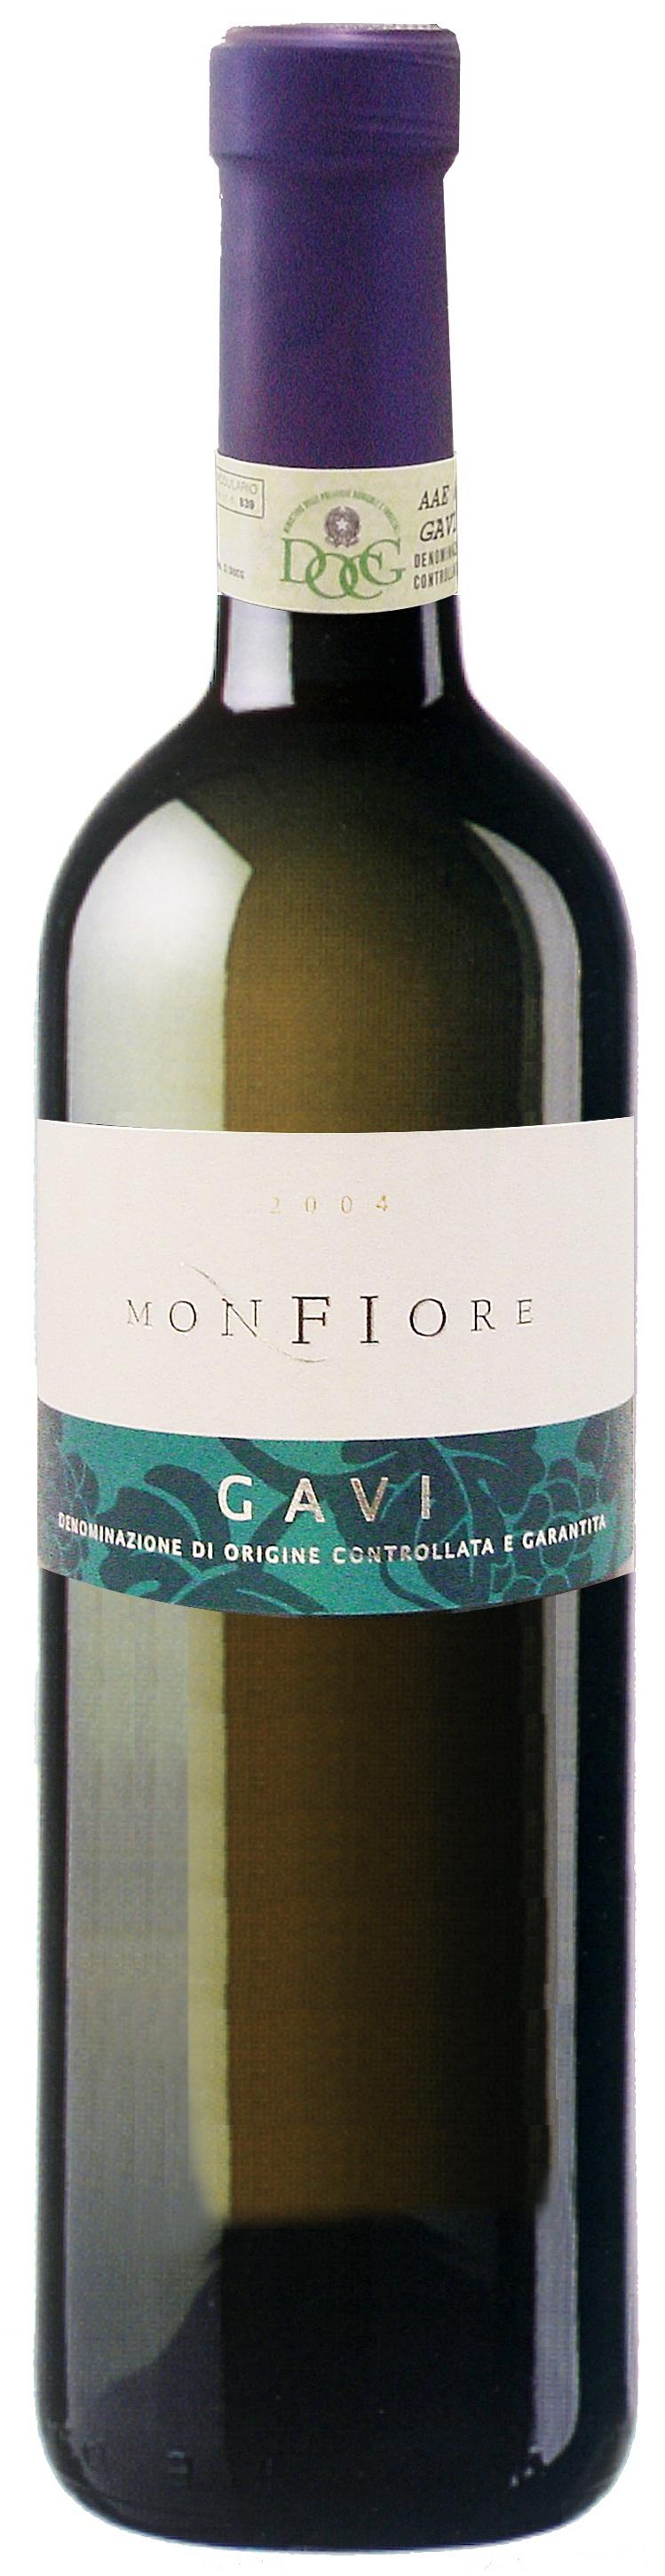 Monfiore Gavi Docg 2016